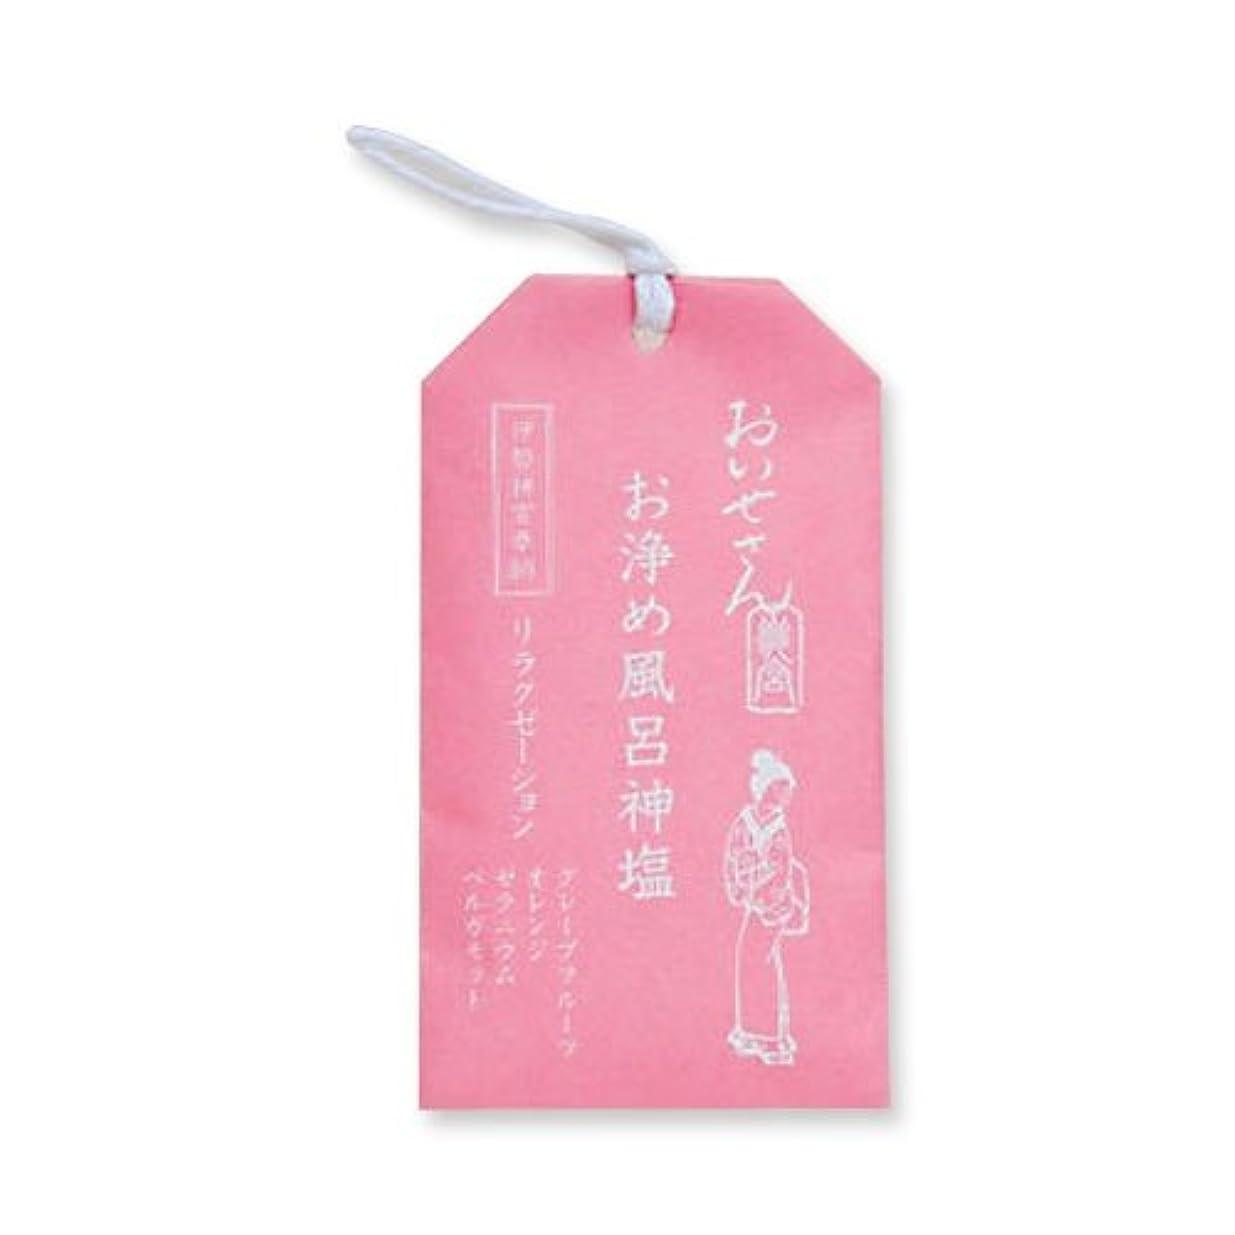 公園フリルポスト印象派おいせさん お浄め風呂神塩 バス用ソルト(リラクゼーション) 20g